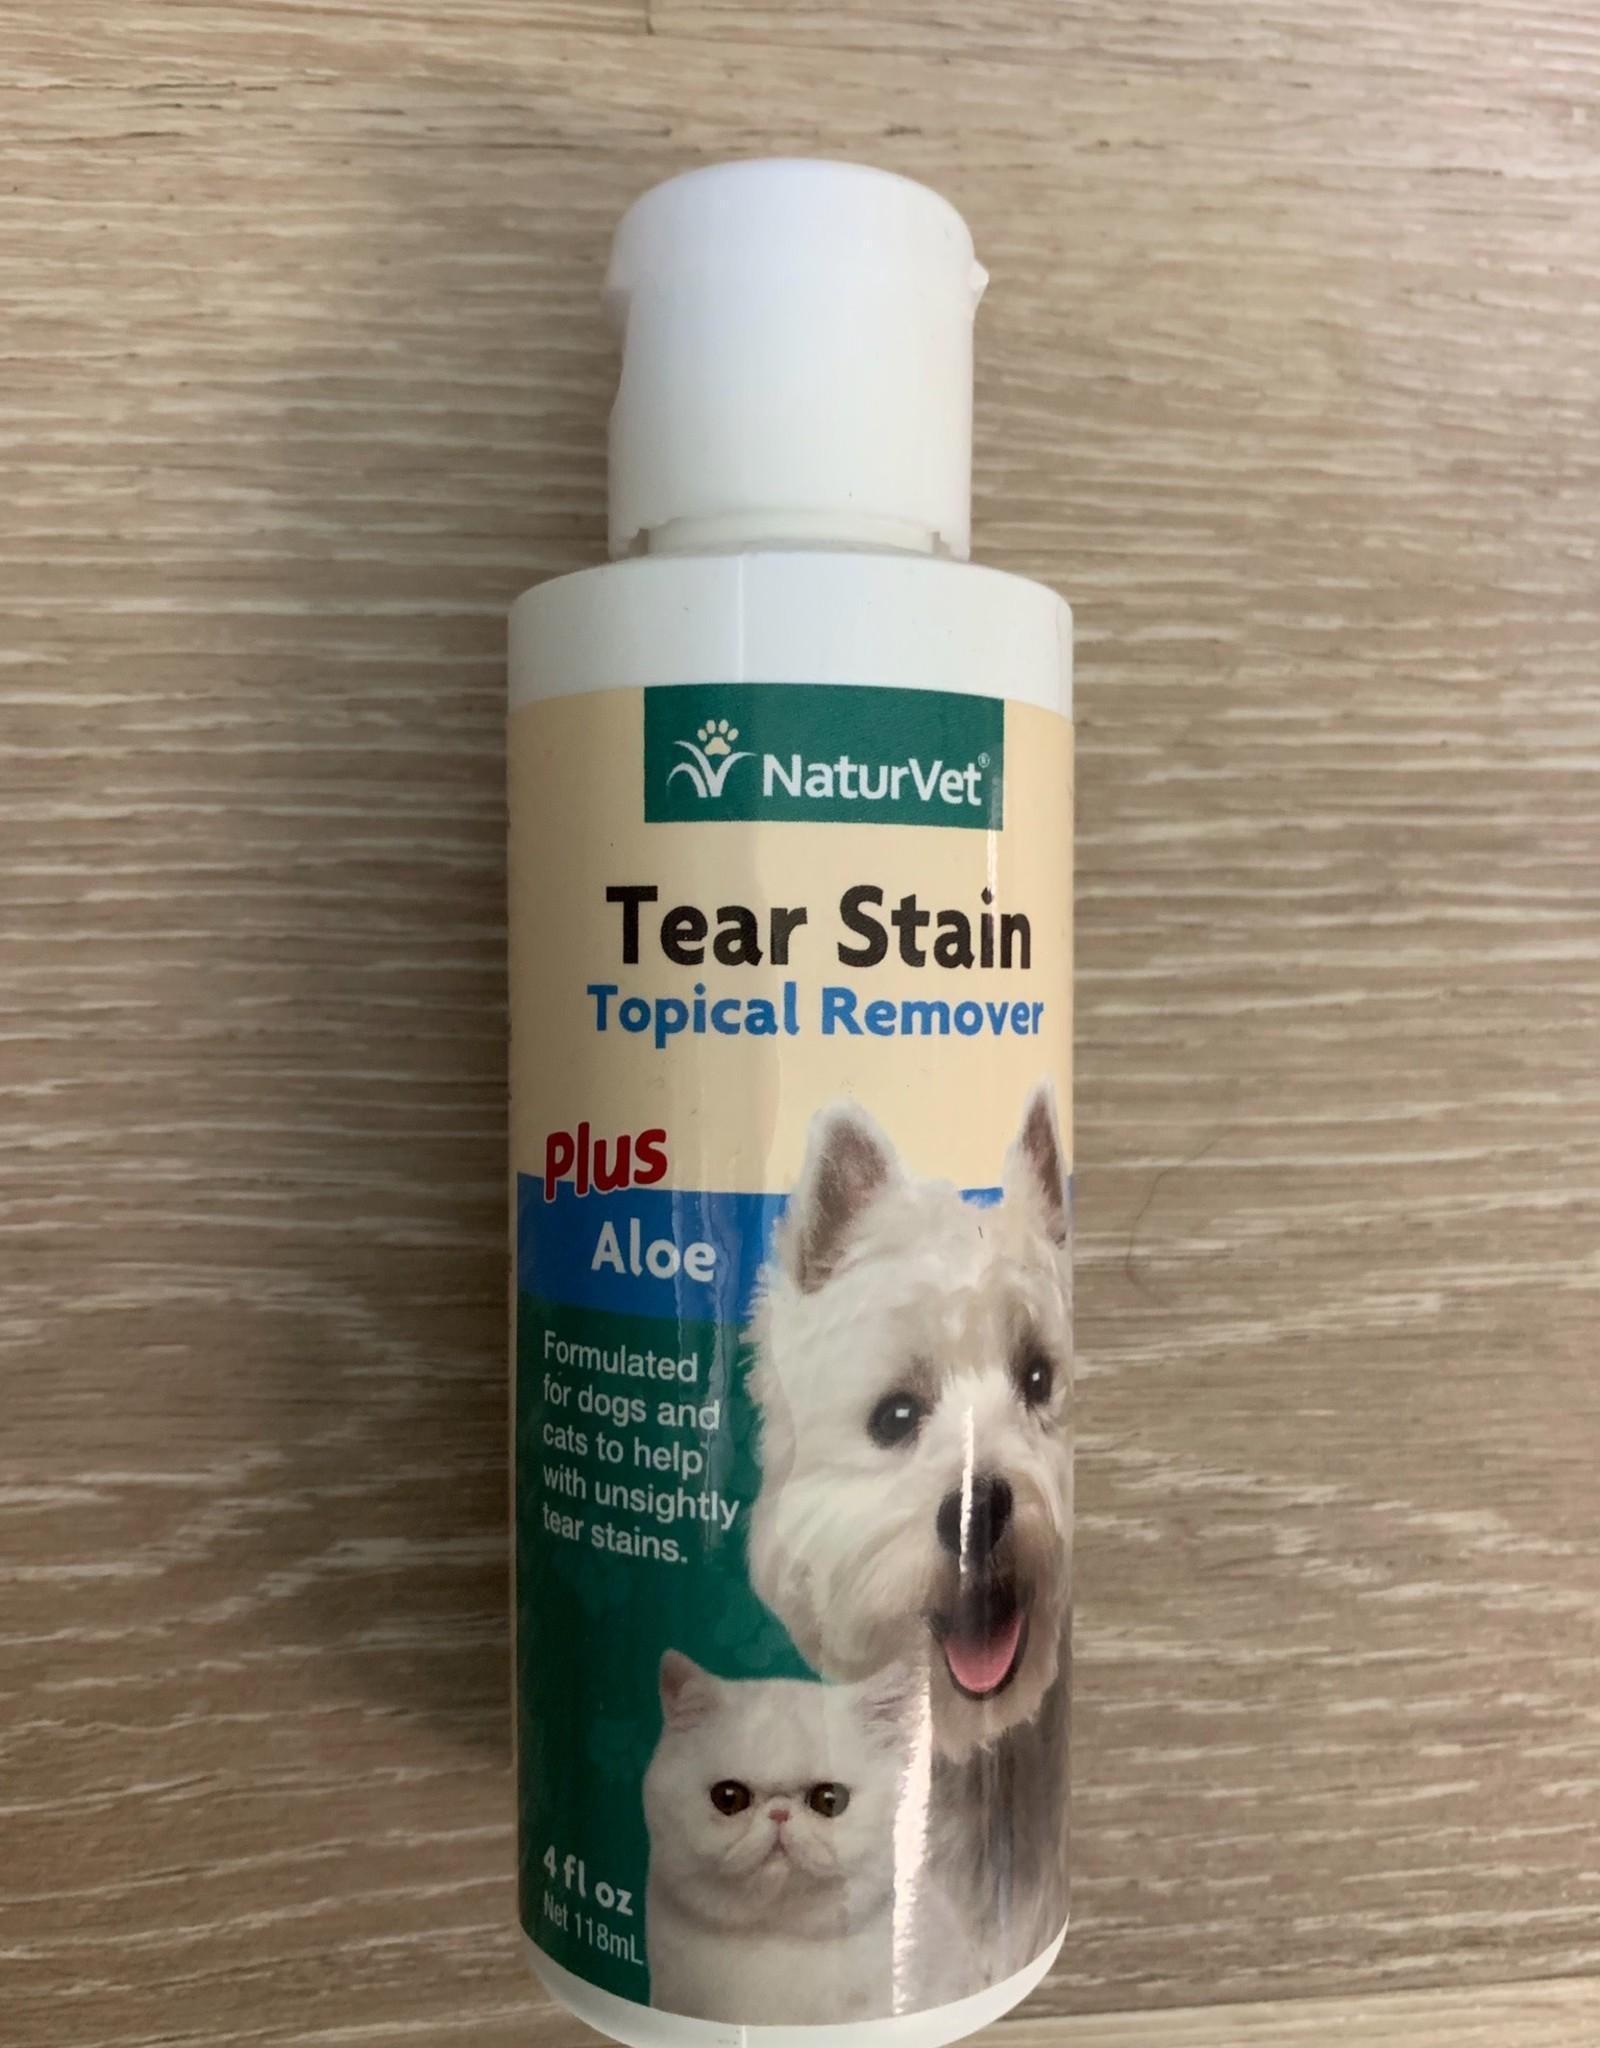 Naturvet NaturVet  - tear stain removal